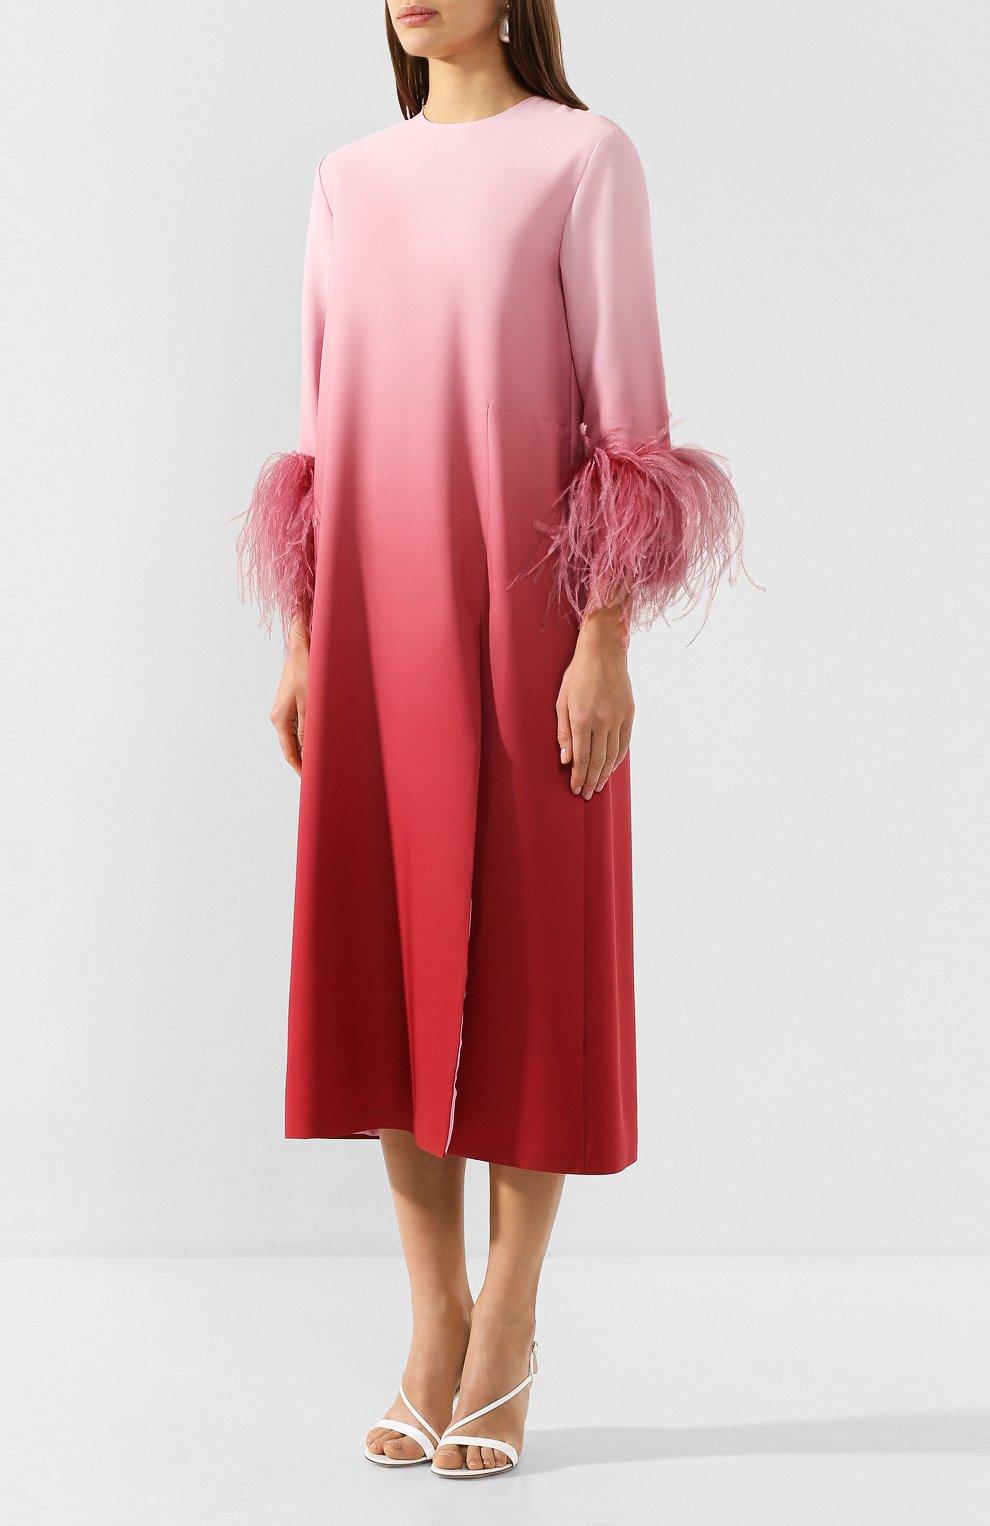 Женское платье-миди 16 ARLINGTON розового цвета, арт. D-021-S20-PNK/RED-0MBRE 0MBRE CREPE | Фото 3